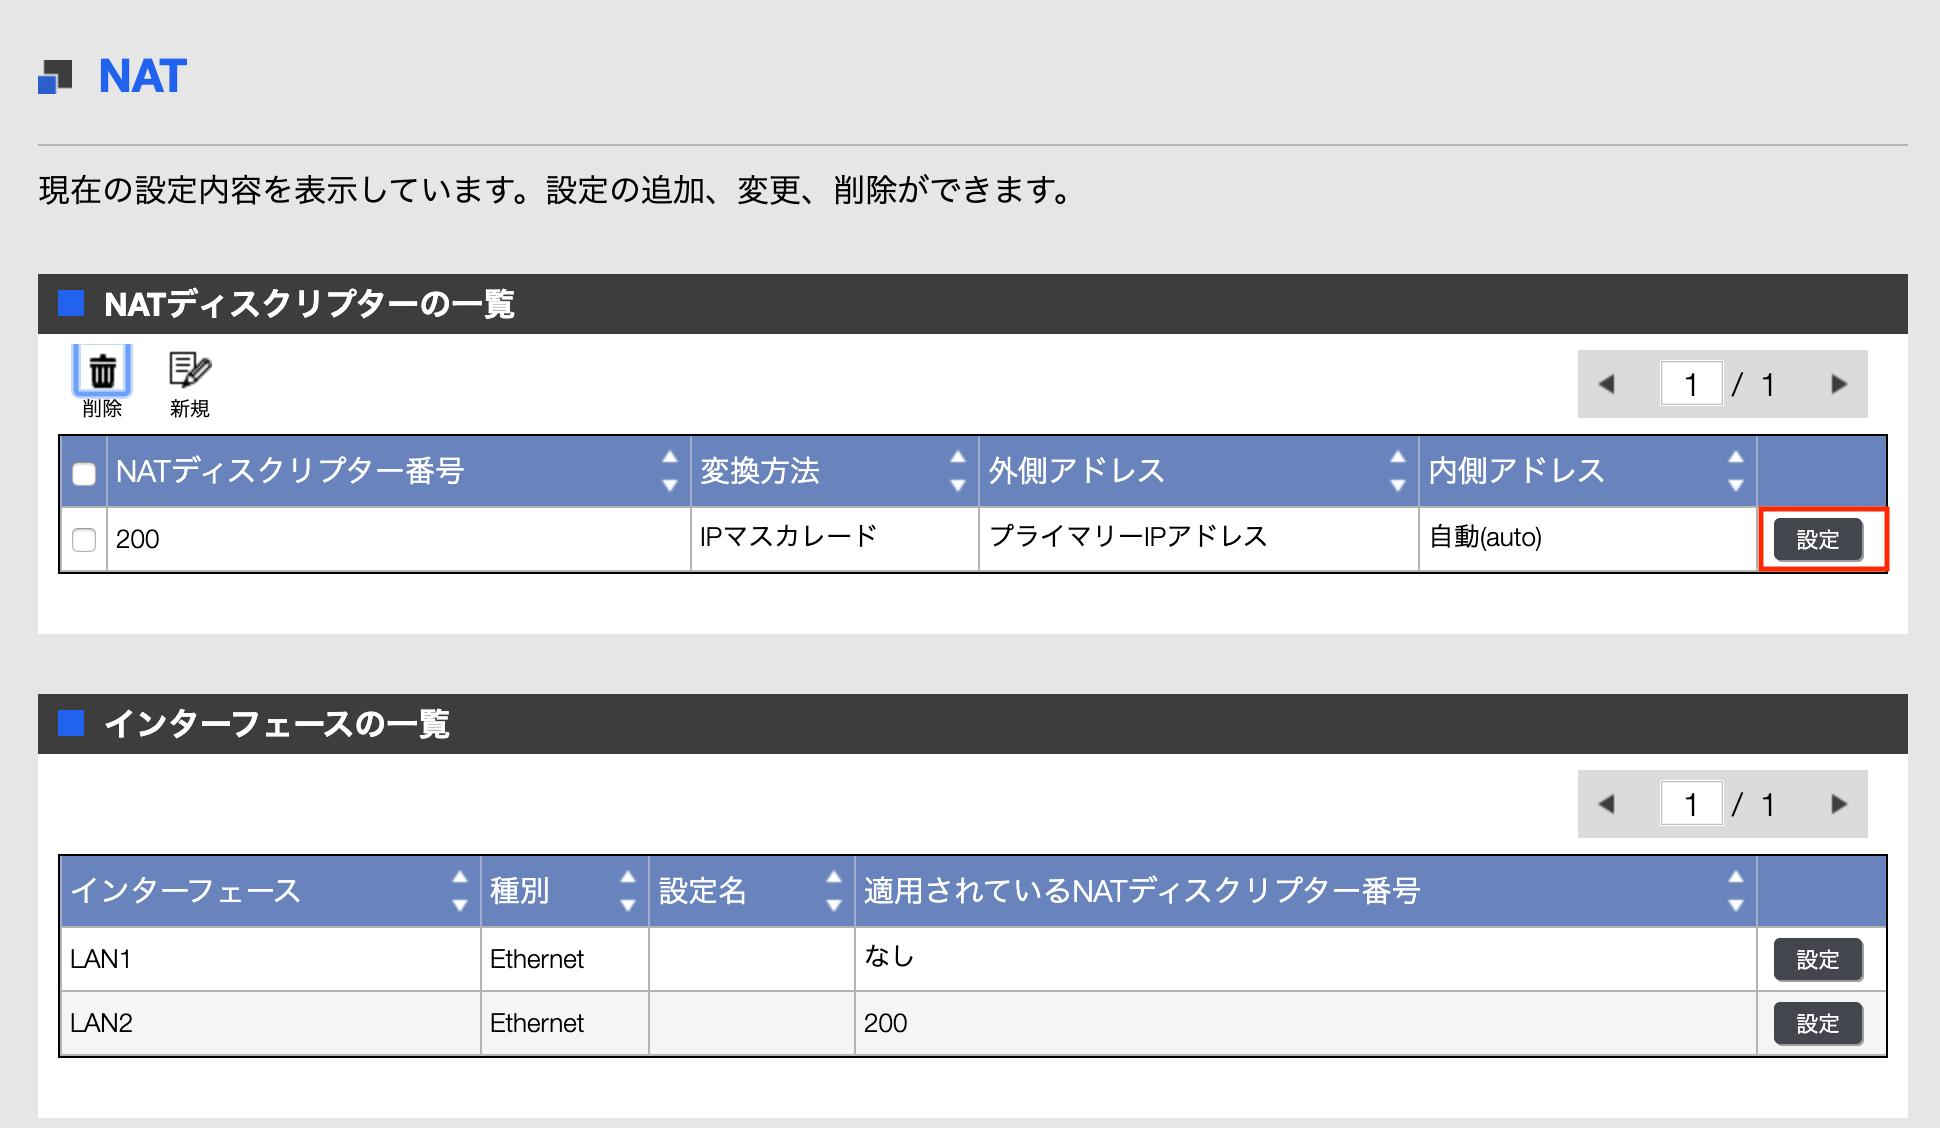 スクリーンショット 2020-04-07 1.38.05.png